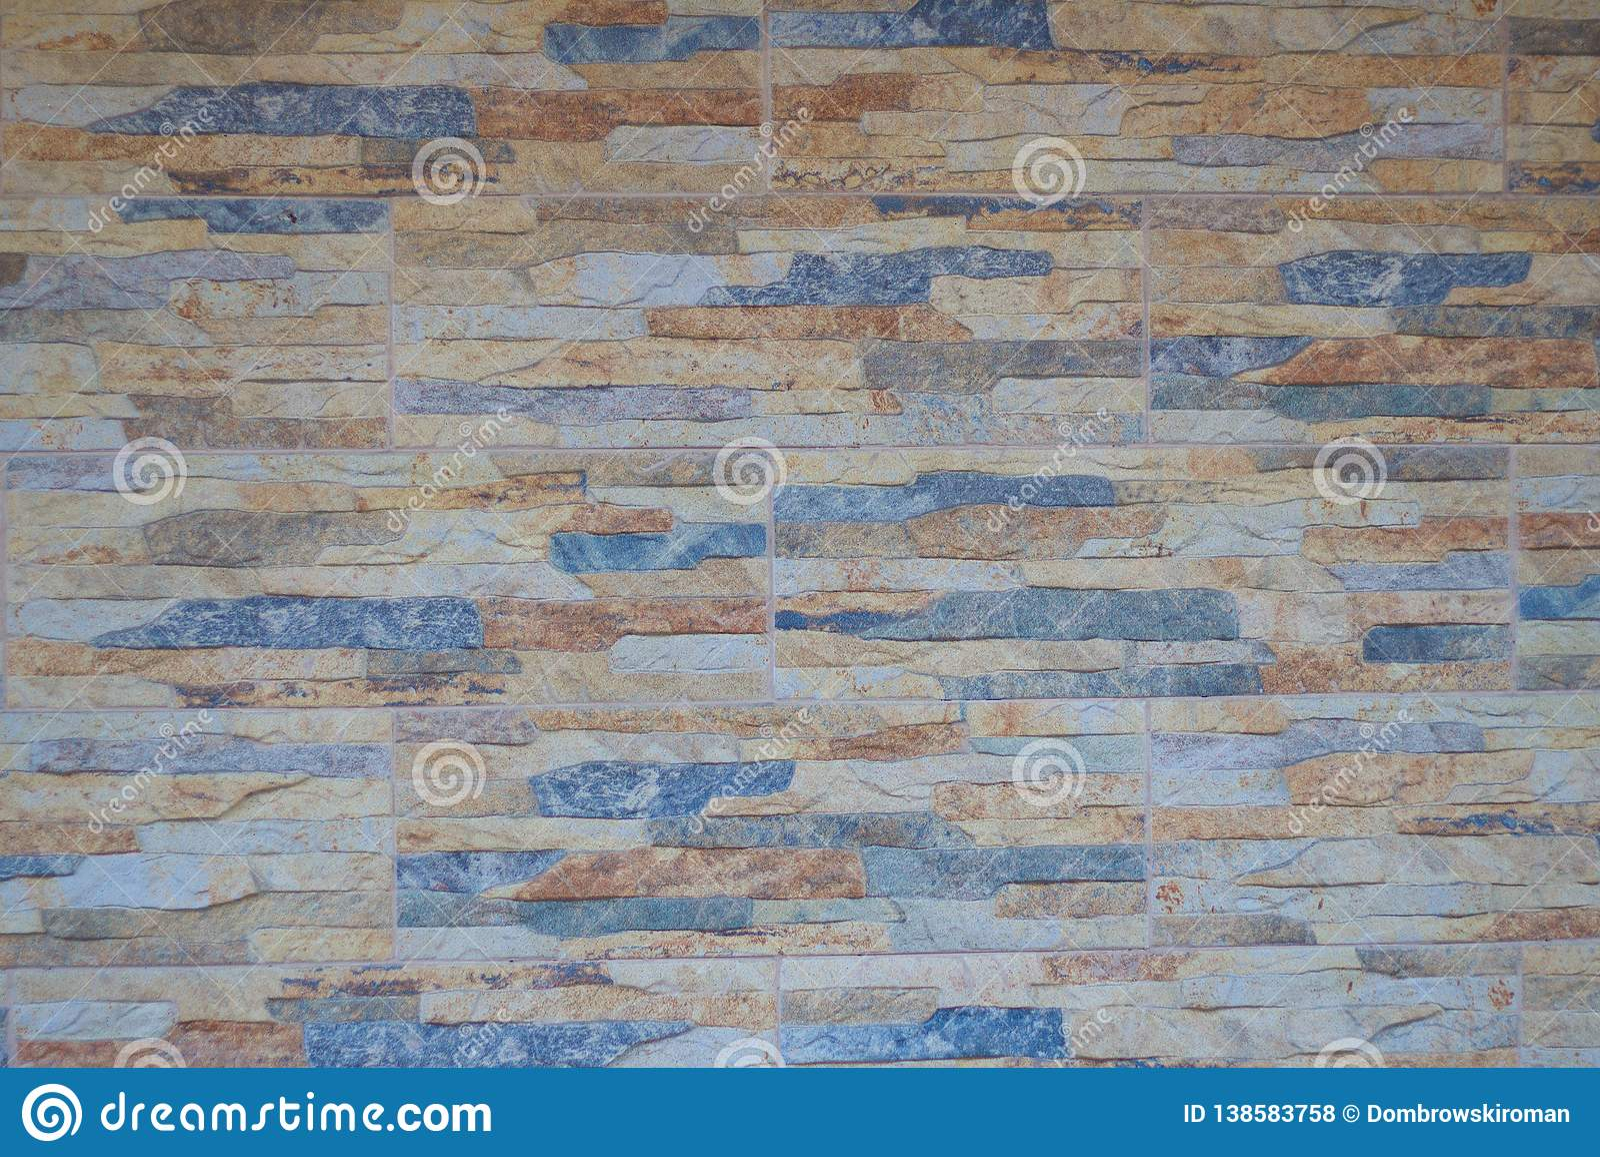 Πολύχρωμο του πέτρινου κεραμικού πλίνθου τοίχου το όμορφο υπόβαθρο σύστασης χρώματος για το εσωτερικό τέχνης σχεδιάζει στο σπίτι,